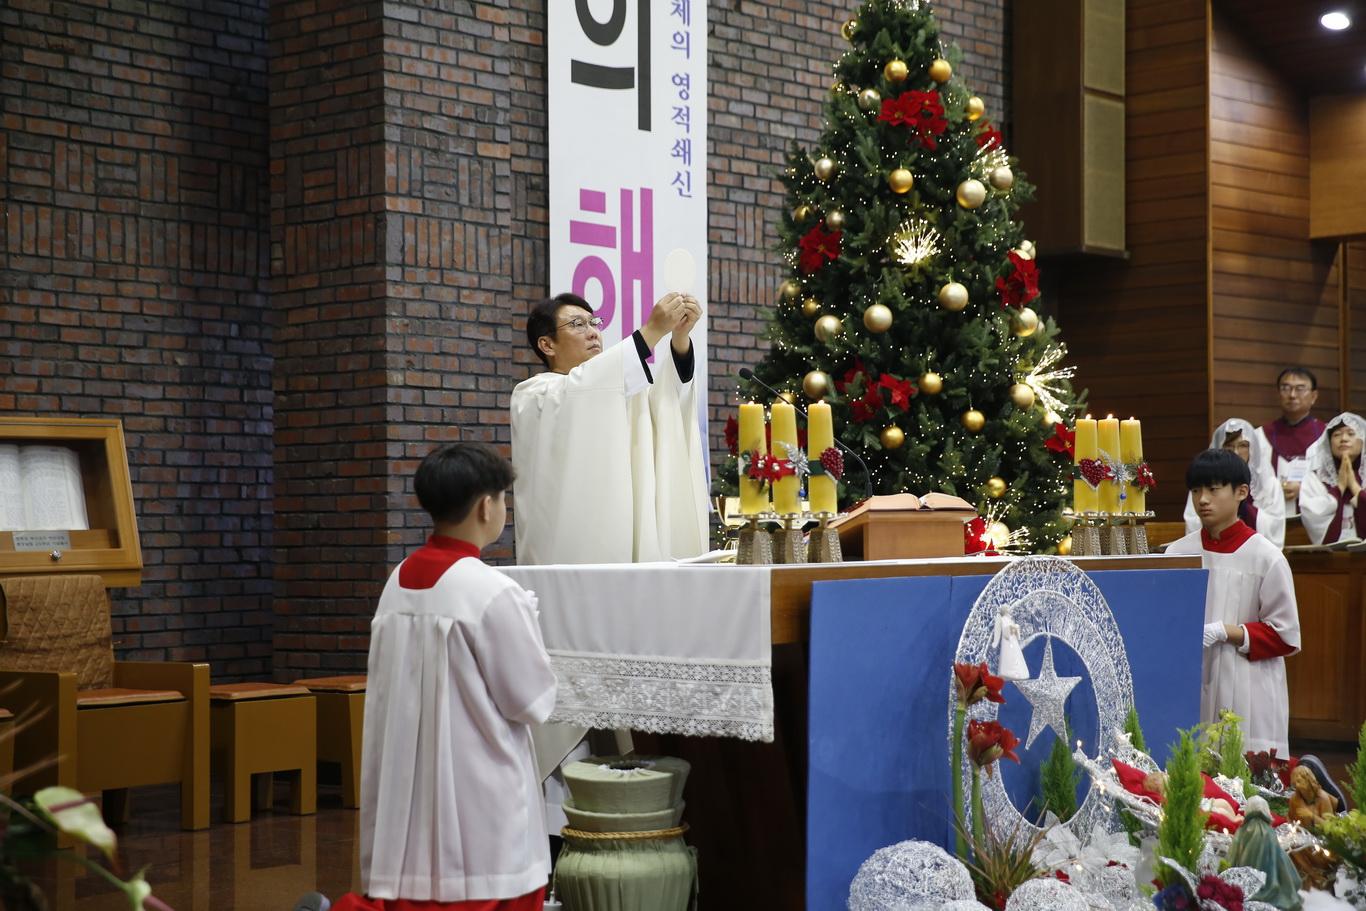 2019-12-25 성탄 대축일 (031)_크기변경.JPG